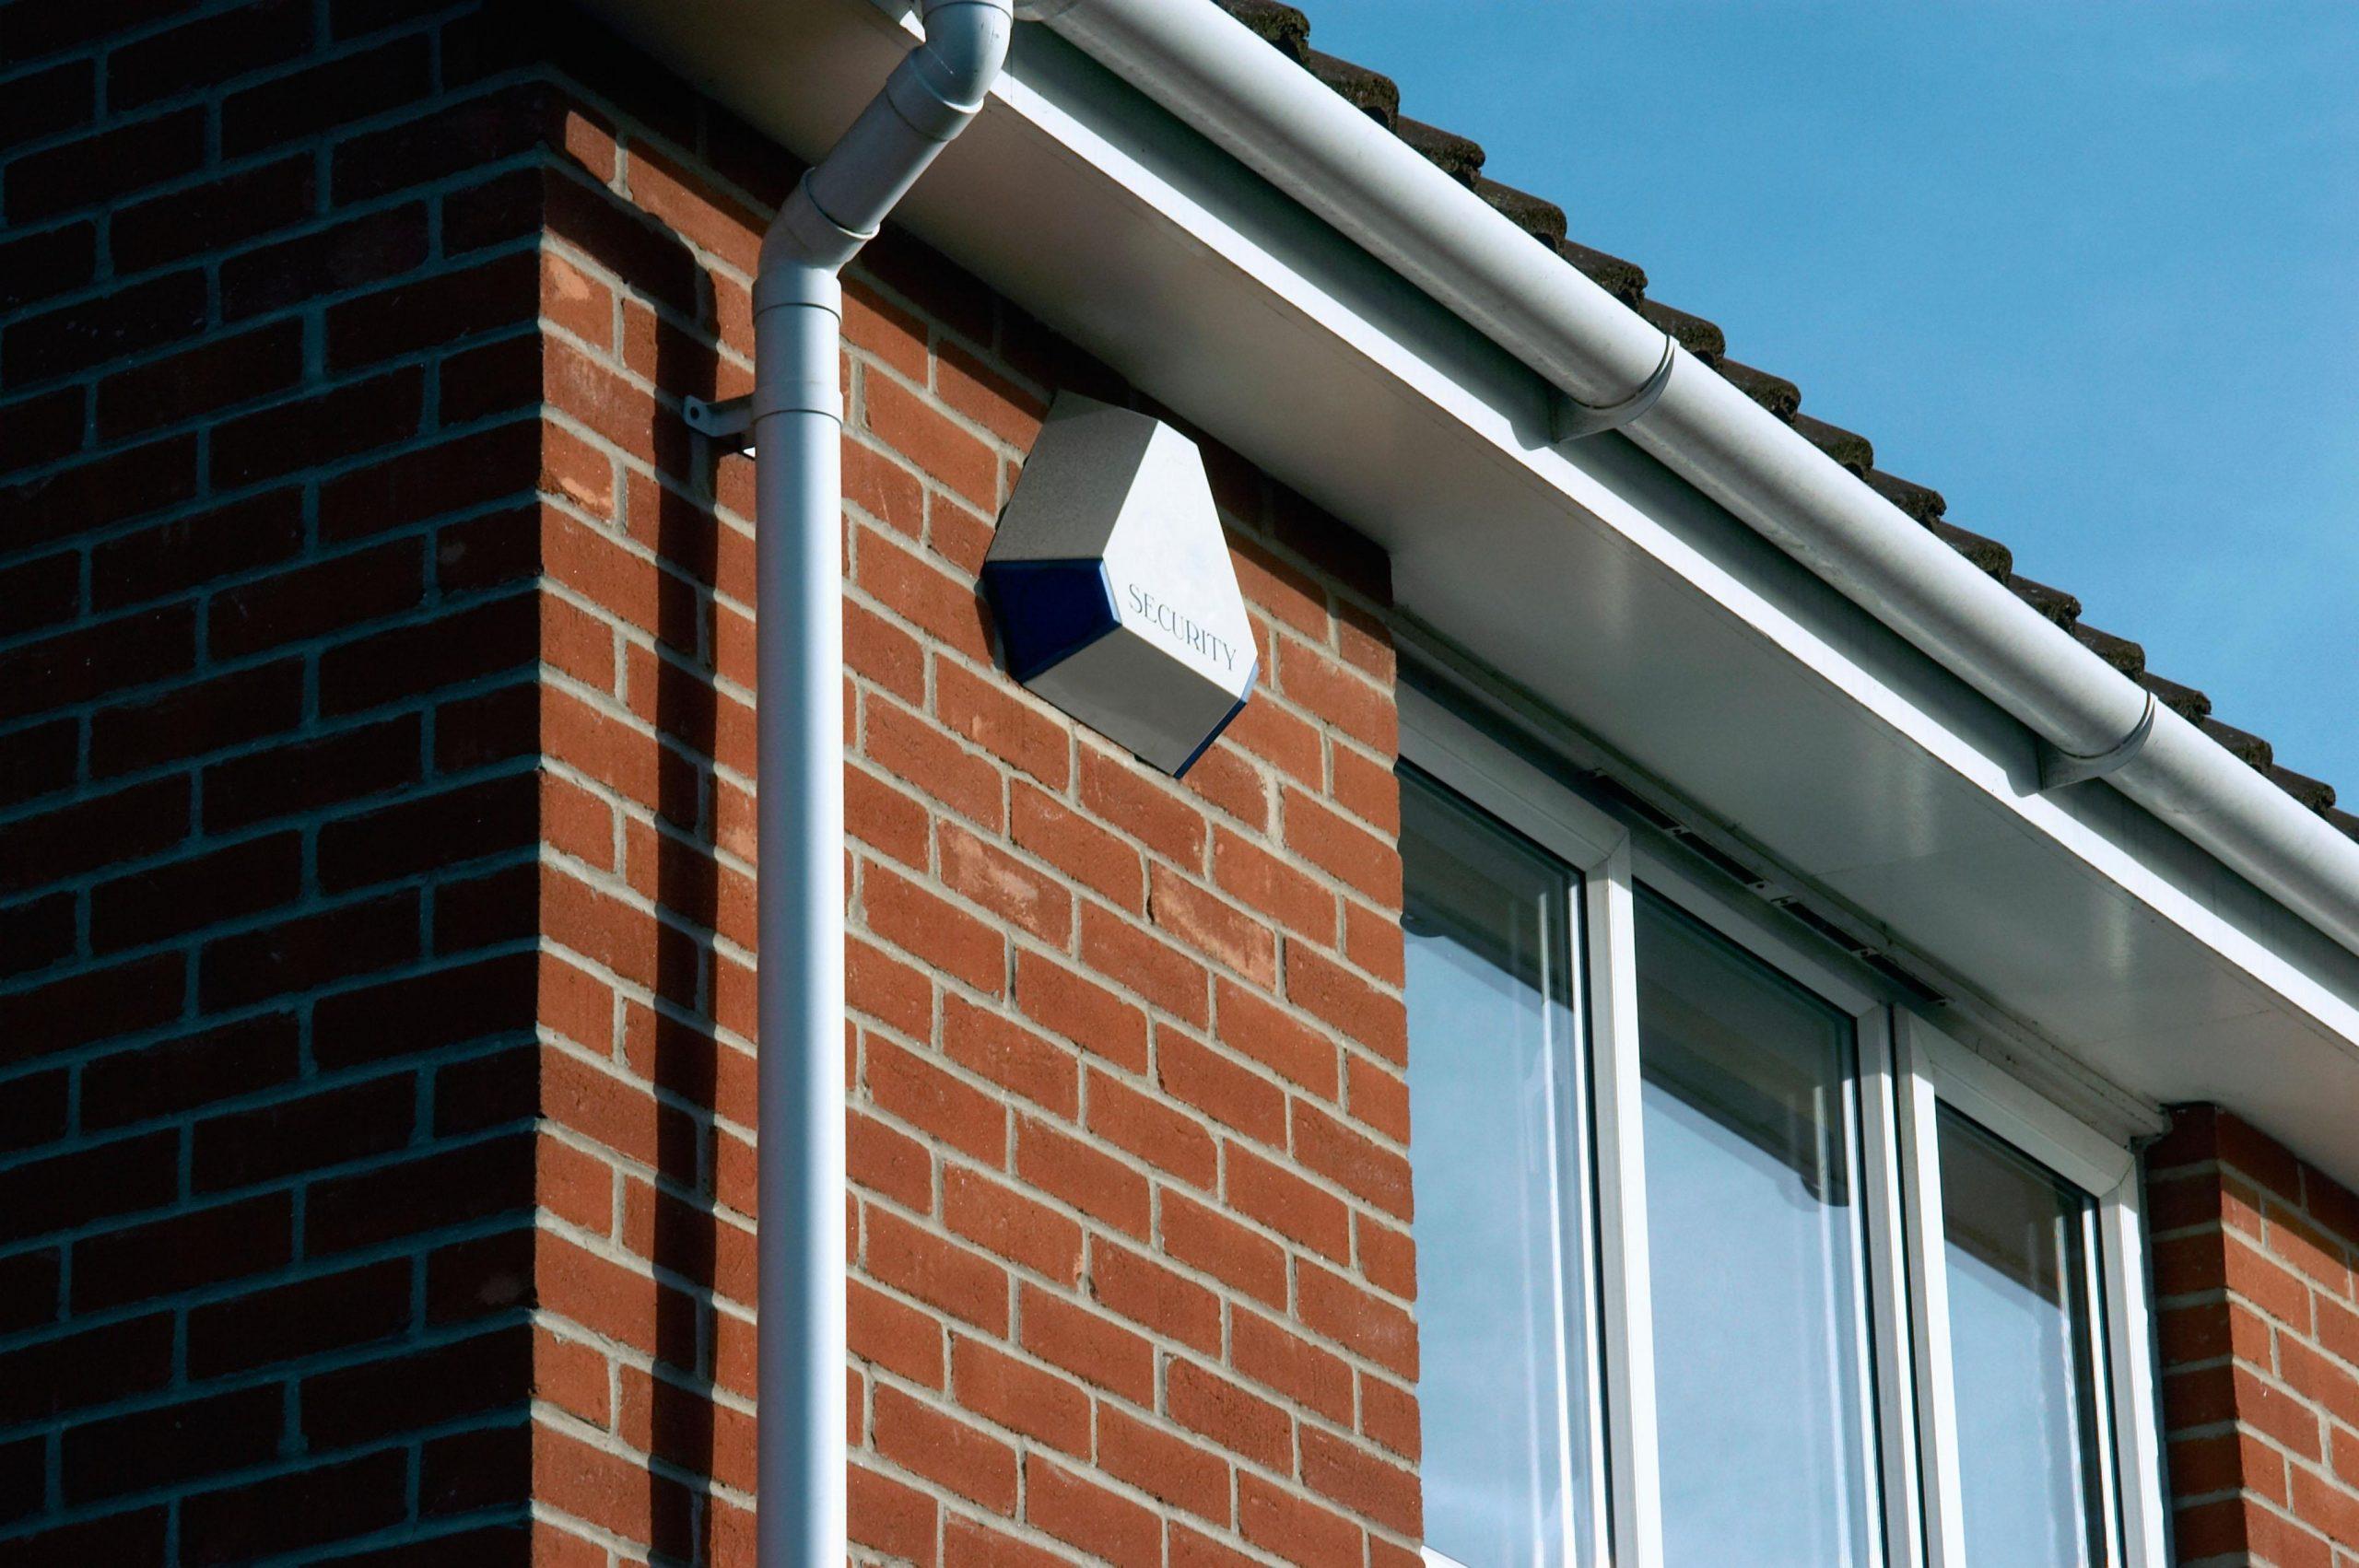 burglar alarm monitoring